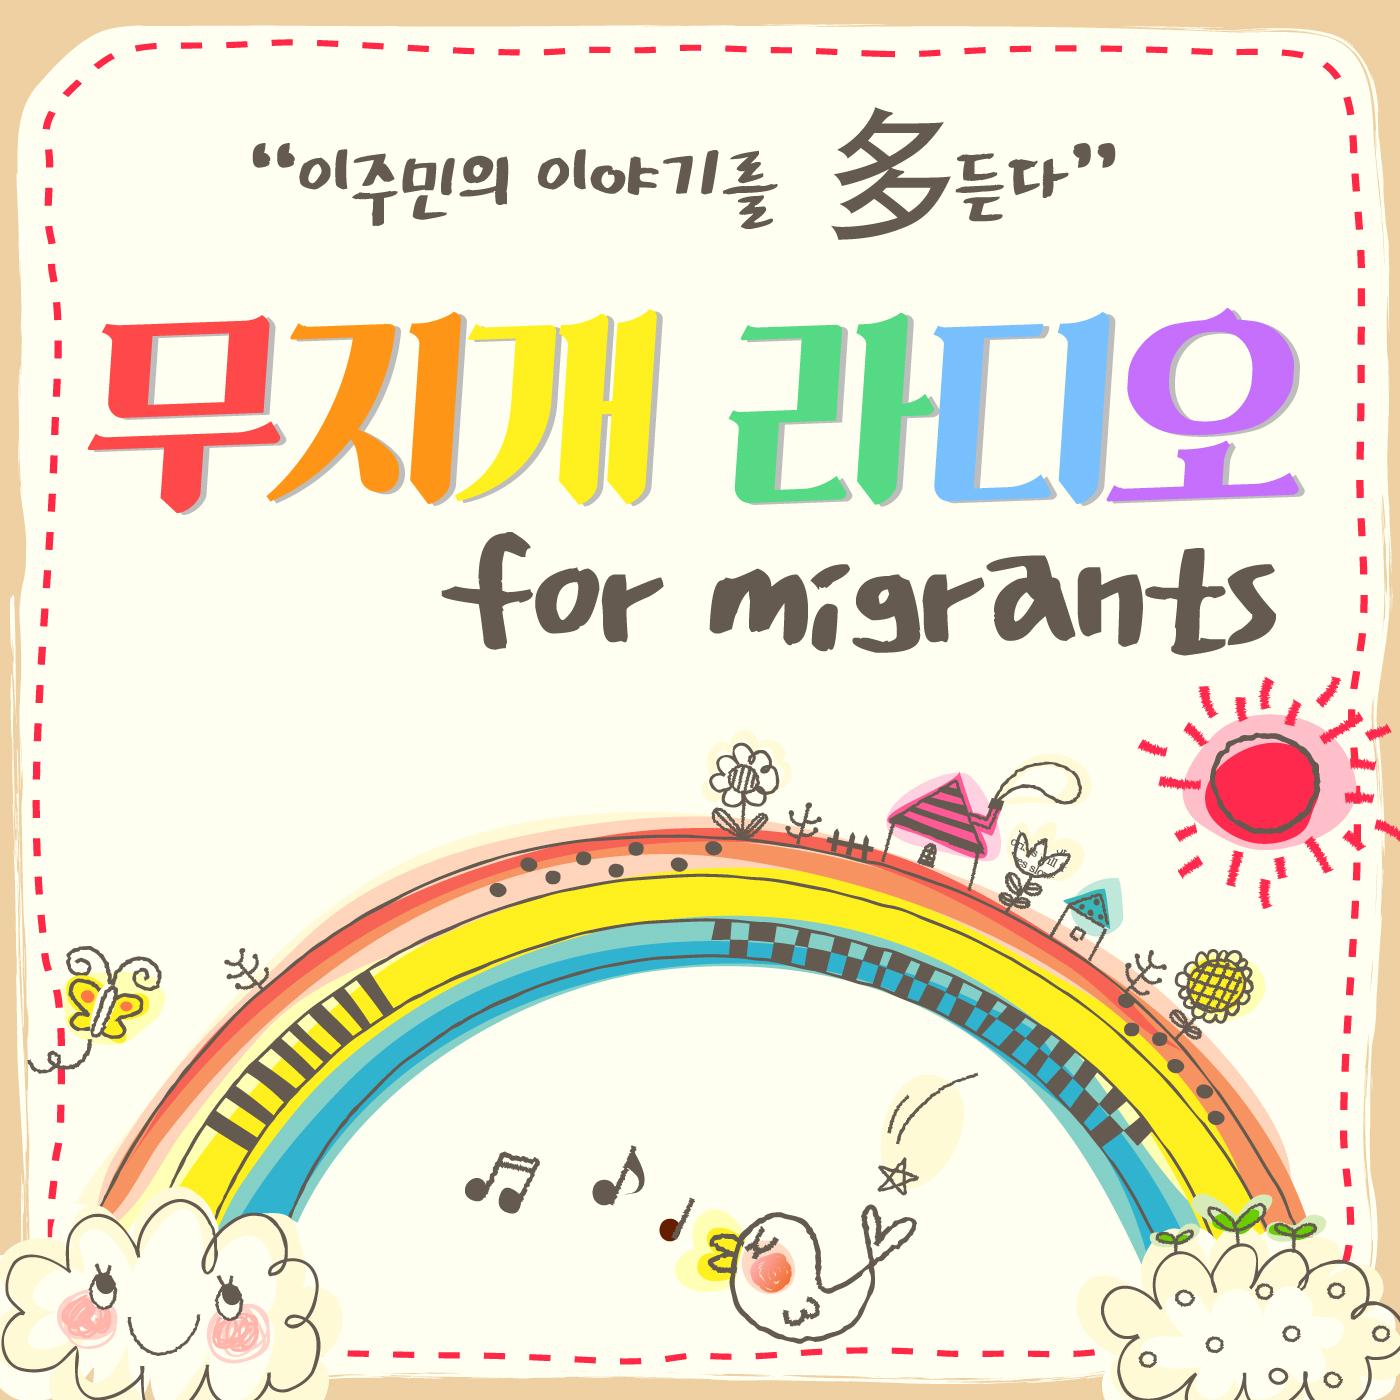 익산 무지개 라디오 for migrants